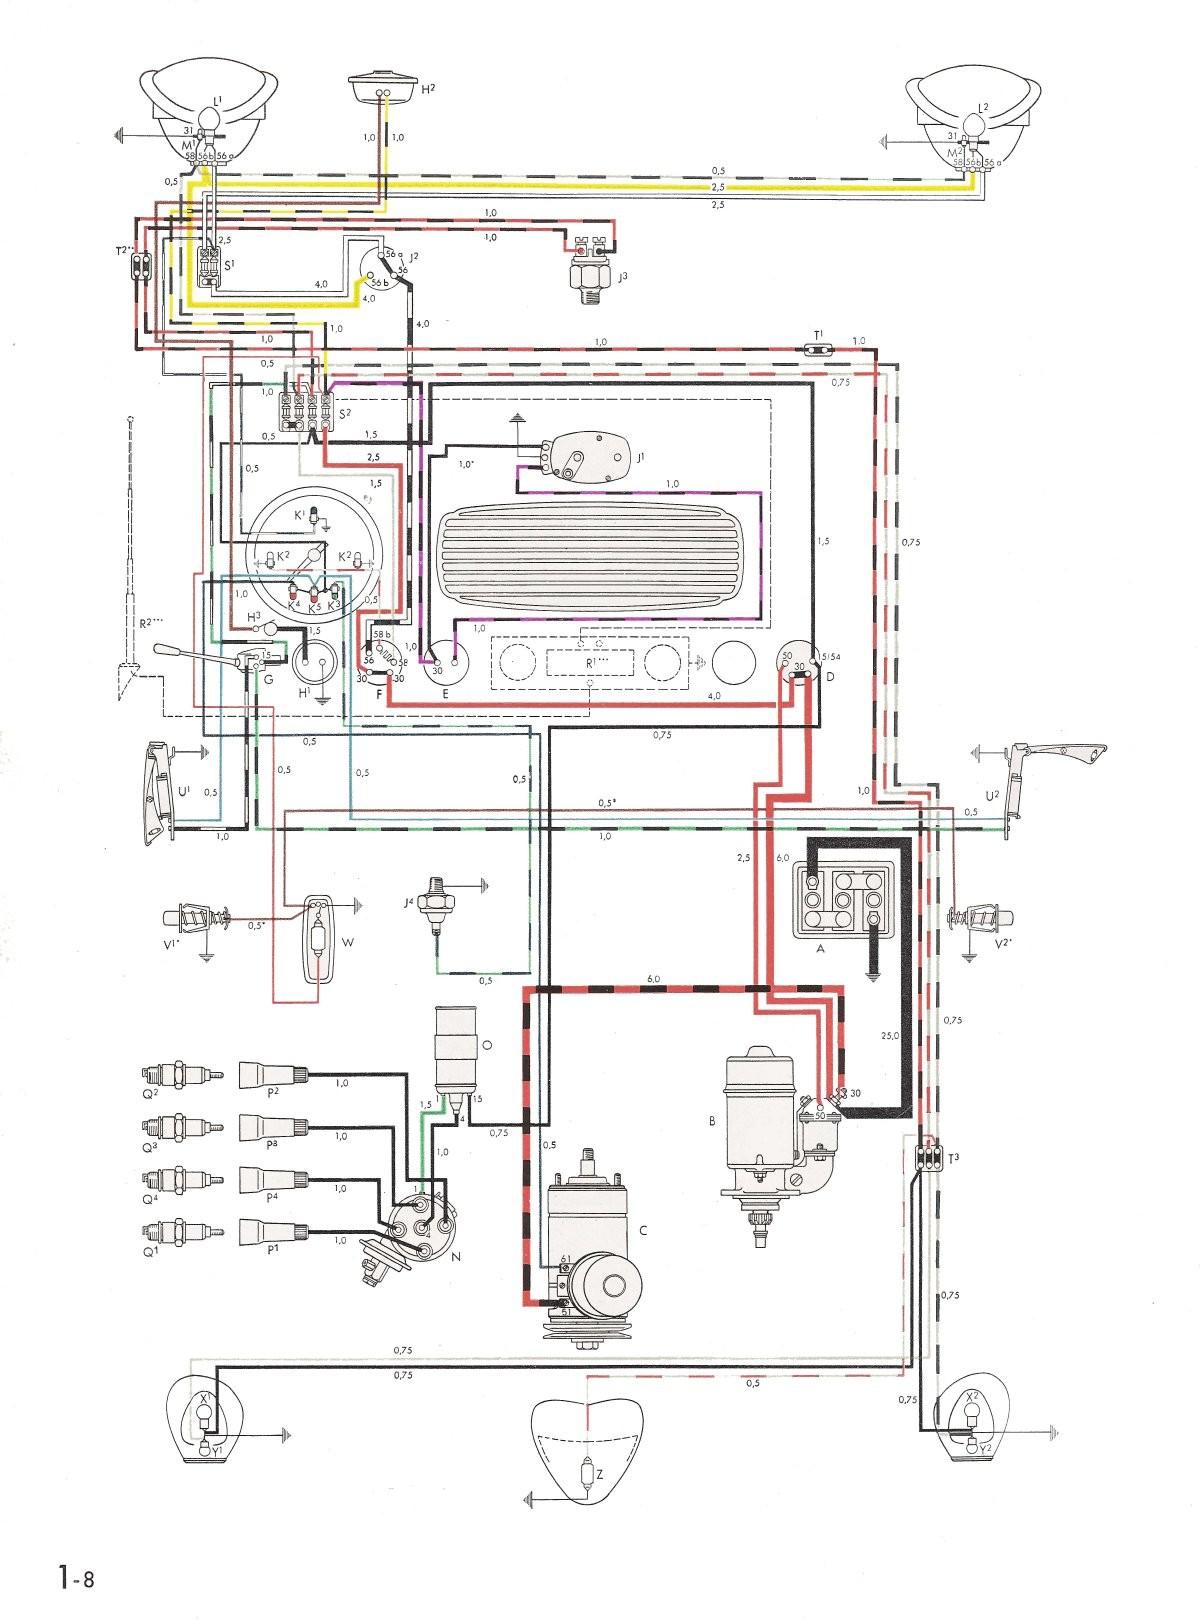 Thesamba Type 1 Wiring Diagrams 1973 Vw Super Beetle Wiring Diagram 8 1973 Vw Super Beetle Wiring Diagram